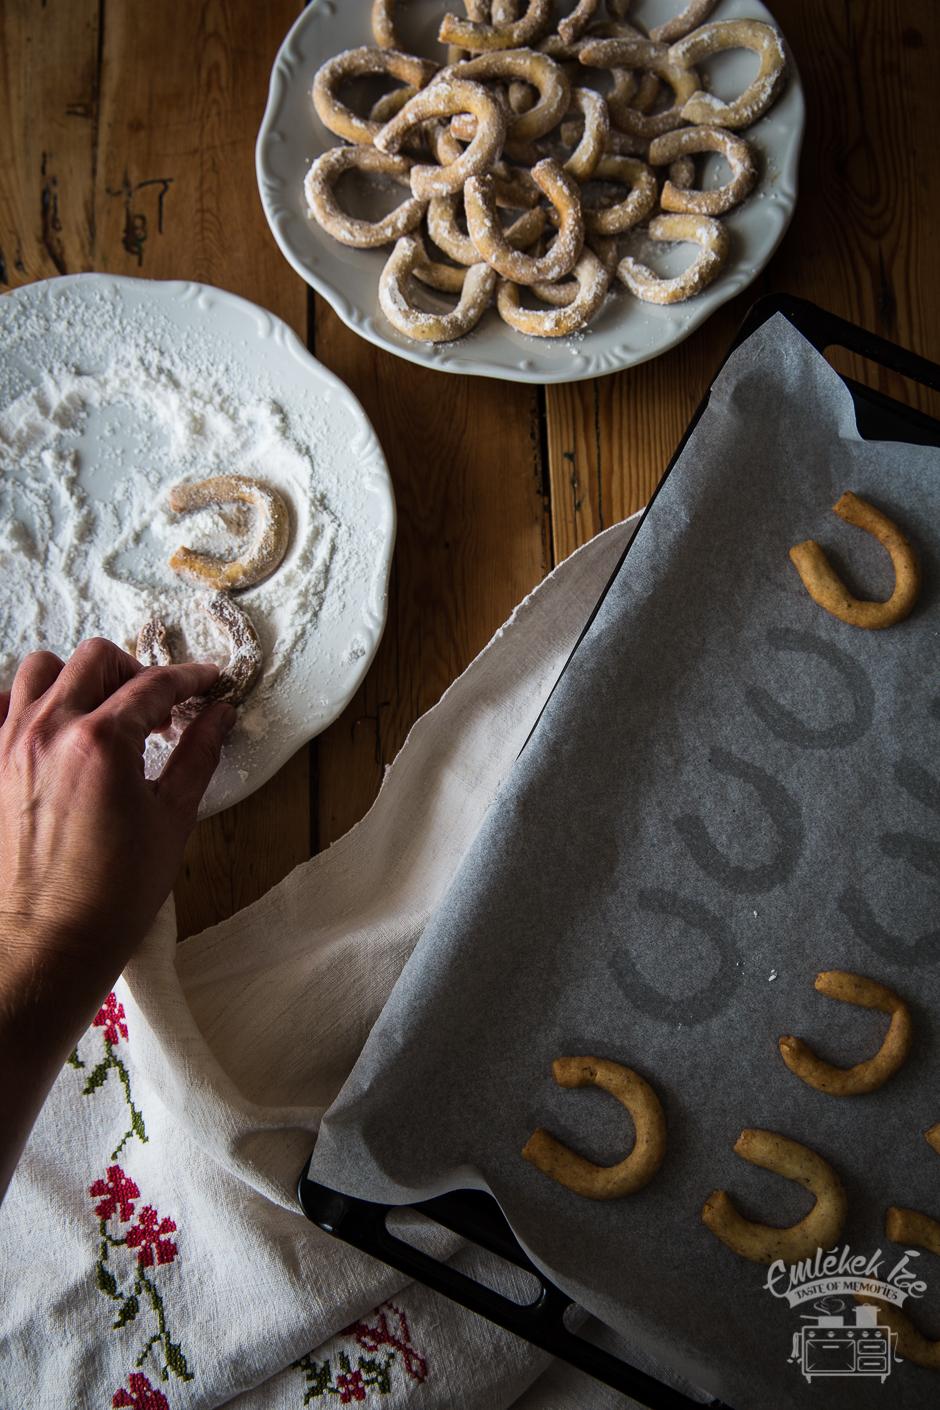 vaníliás kifli Mami receptje alapján az Emlékek Íze konyhájából